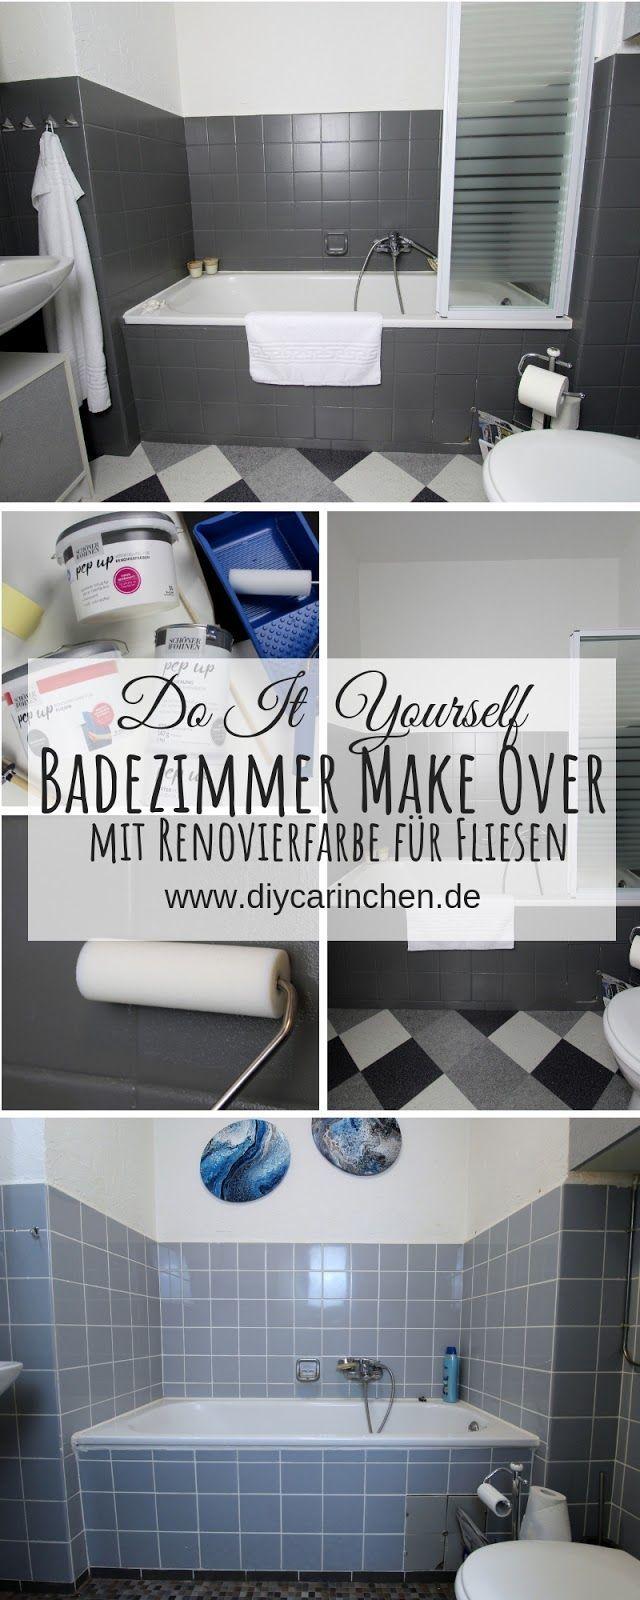 Diy Badezimmer Streichen Und Renovieren Mit Fliesenfarbe Badezimmer Streichen Badezimmer Renovieren Und Neues Badezimmer